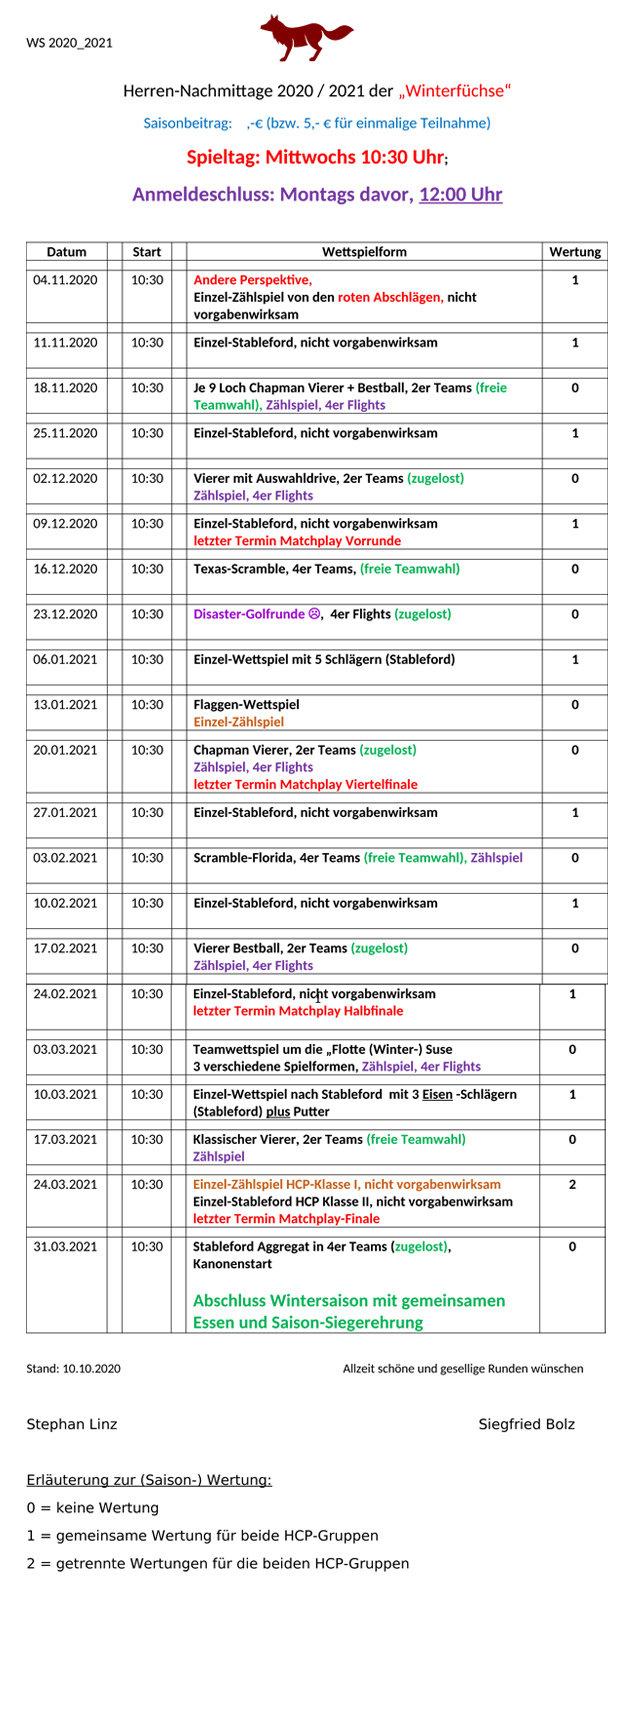 Spielplan Hw20-21.jpg